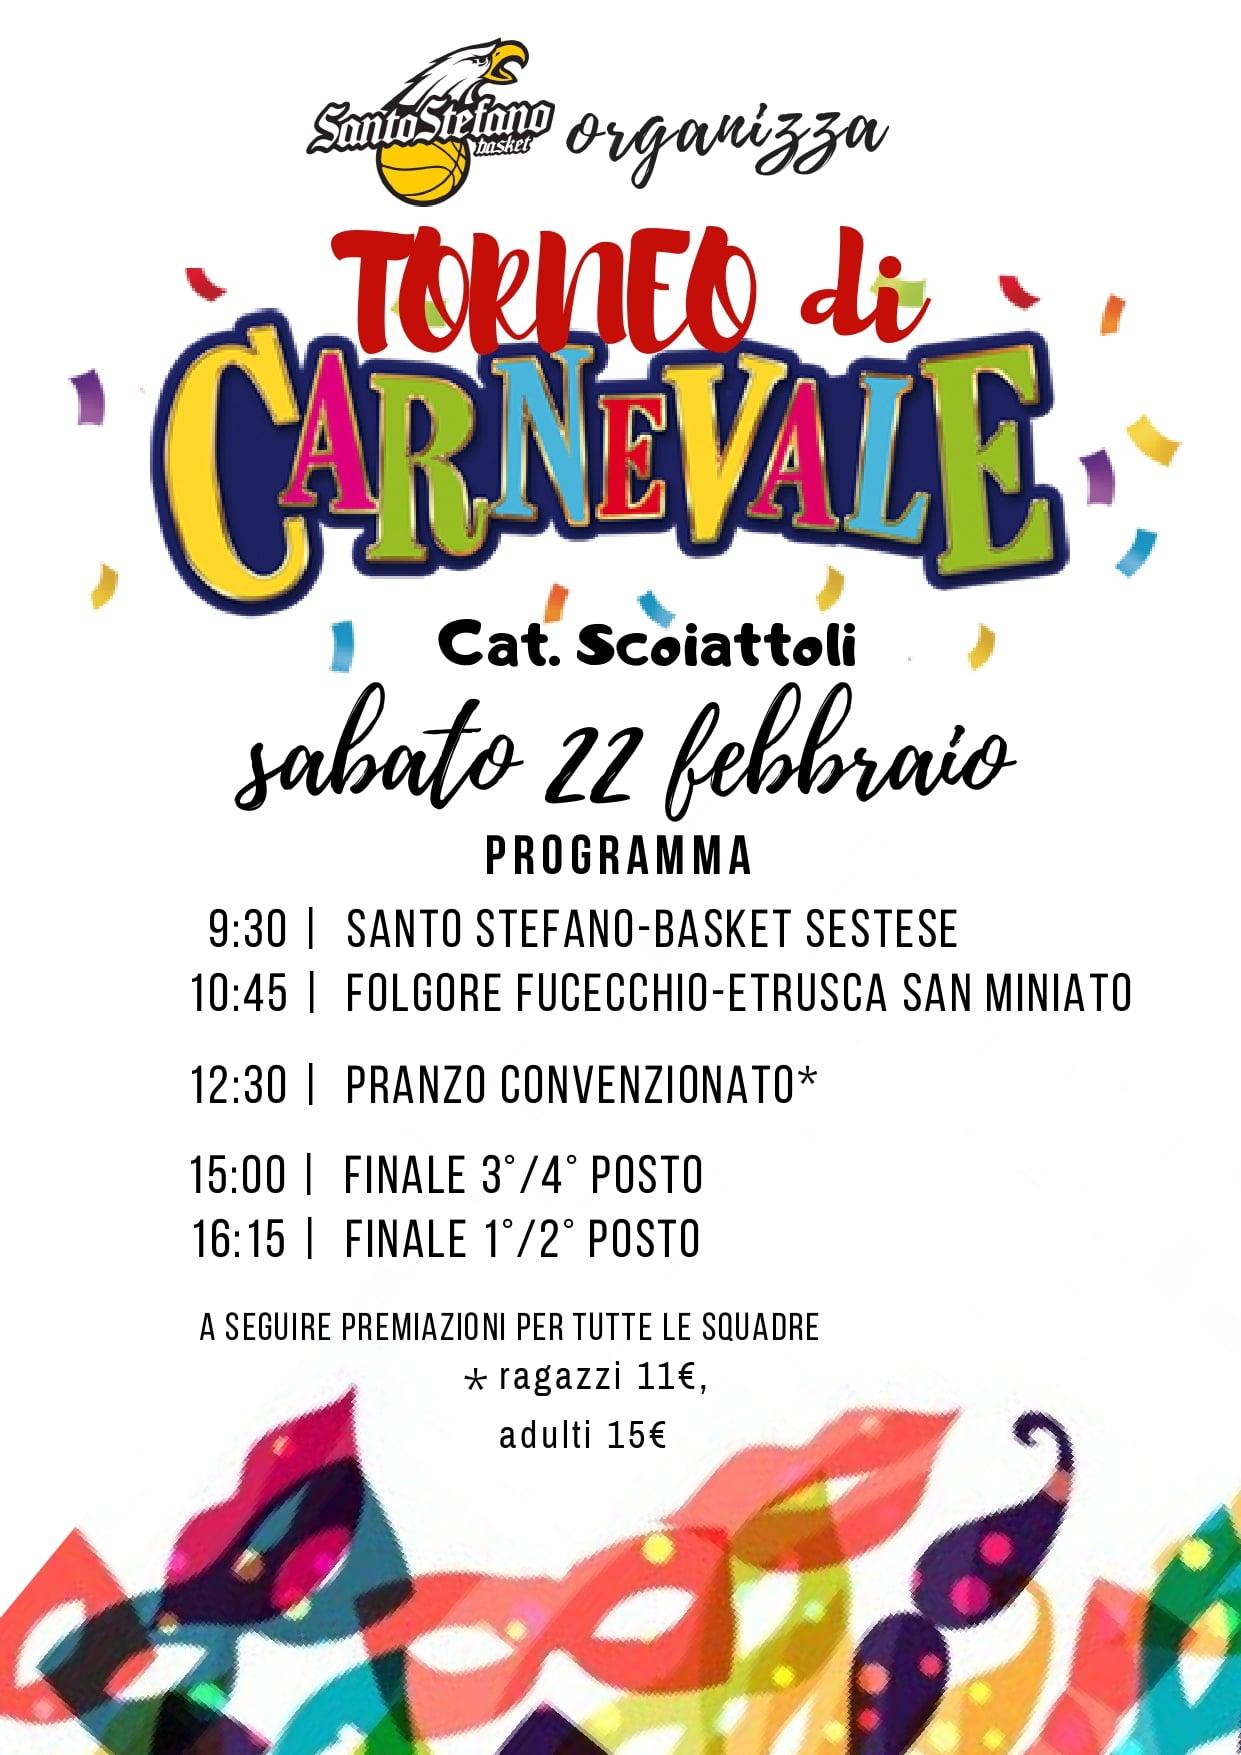 Torneo di Carnevale alla Santo Stefano Basket